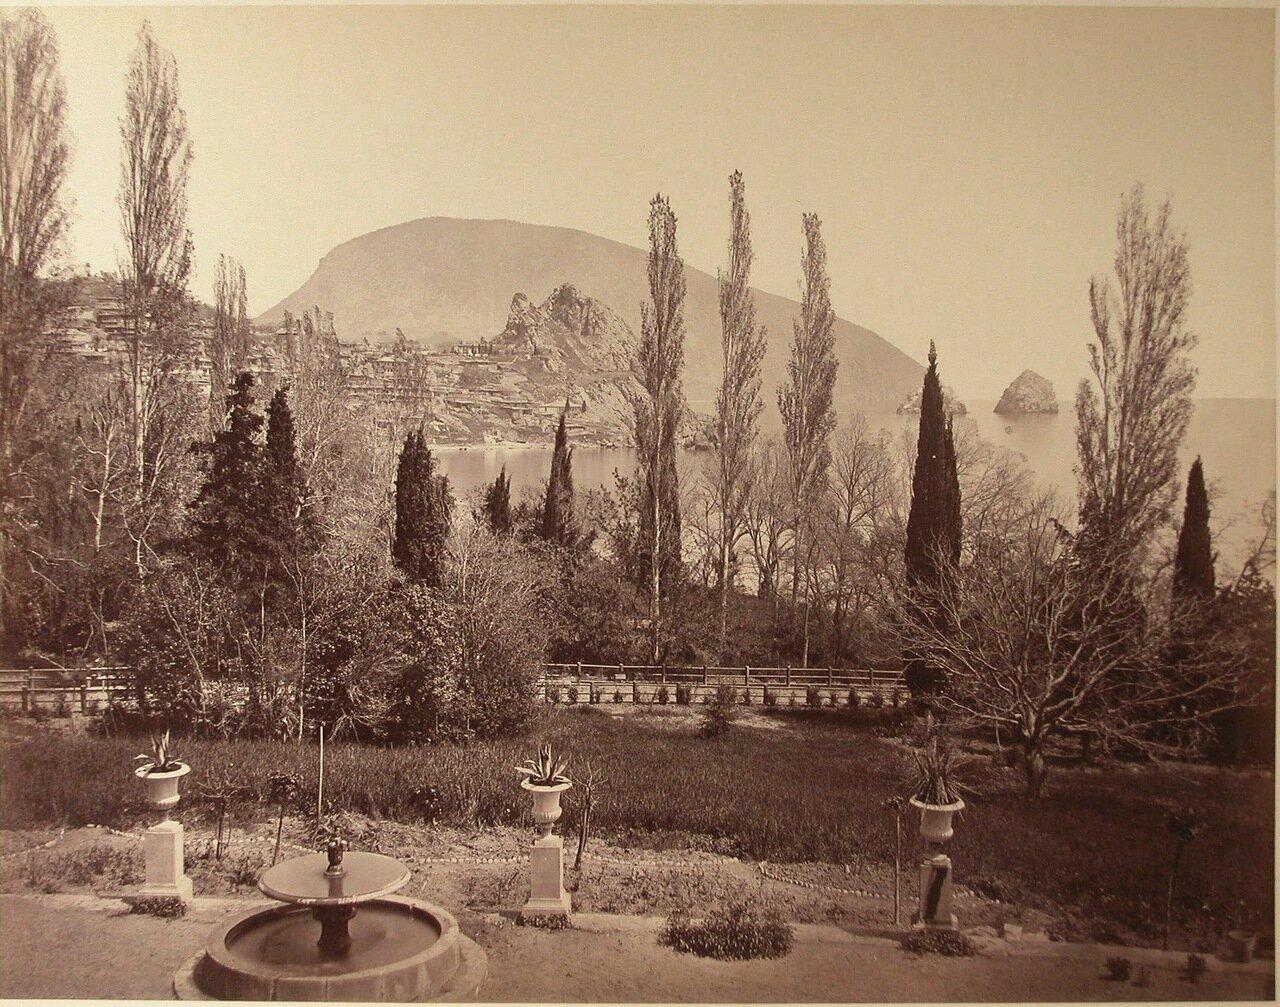 28. Вид части парка с фонтаном на приморской скале; справа - скалы Адалары, на втором плане - Аю-Даг.